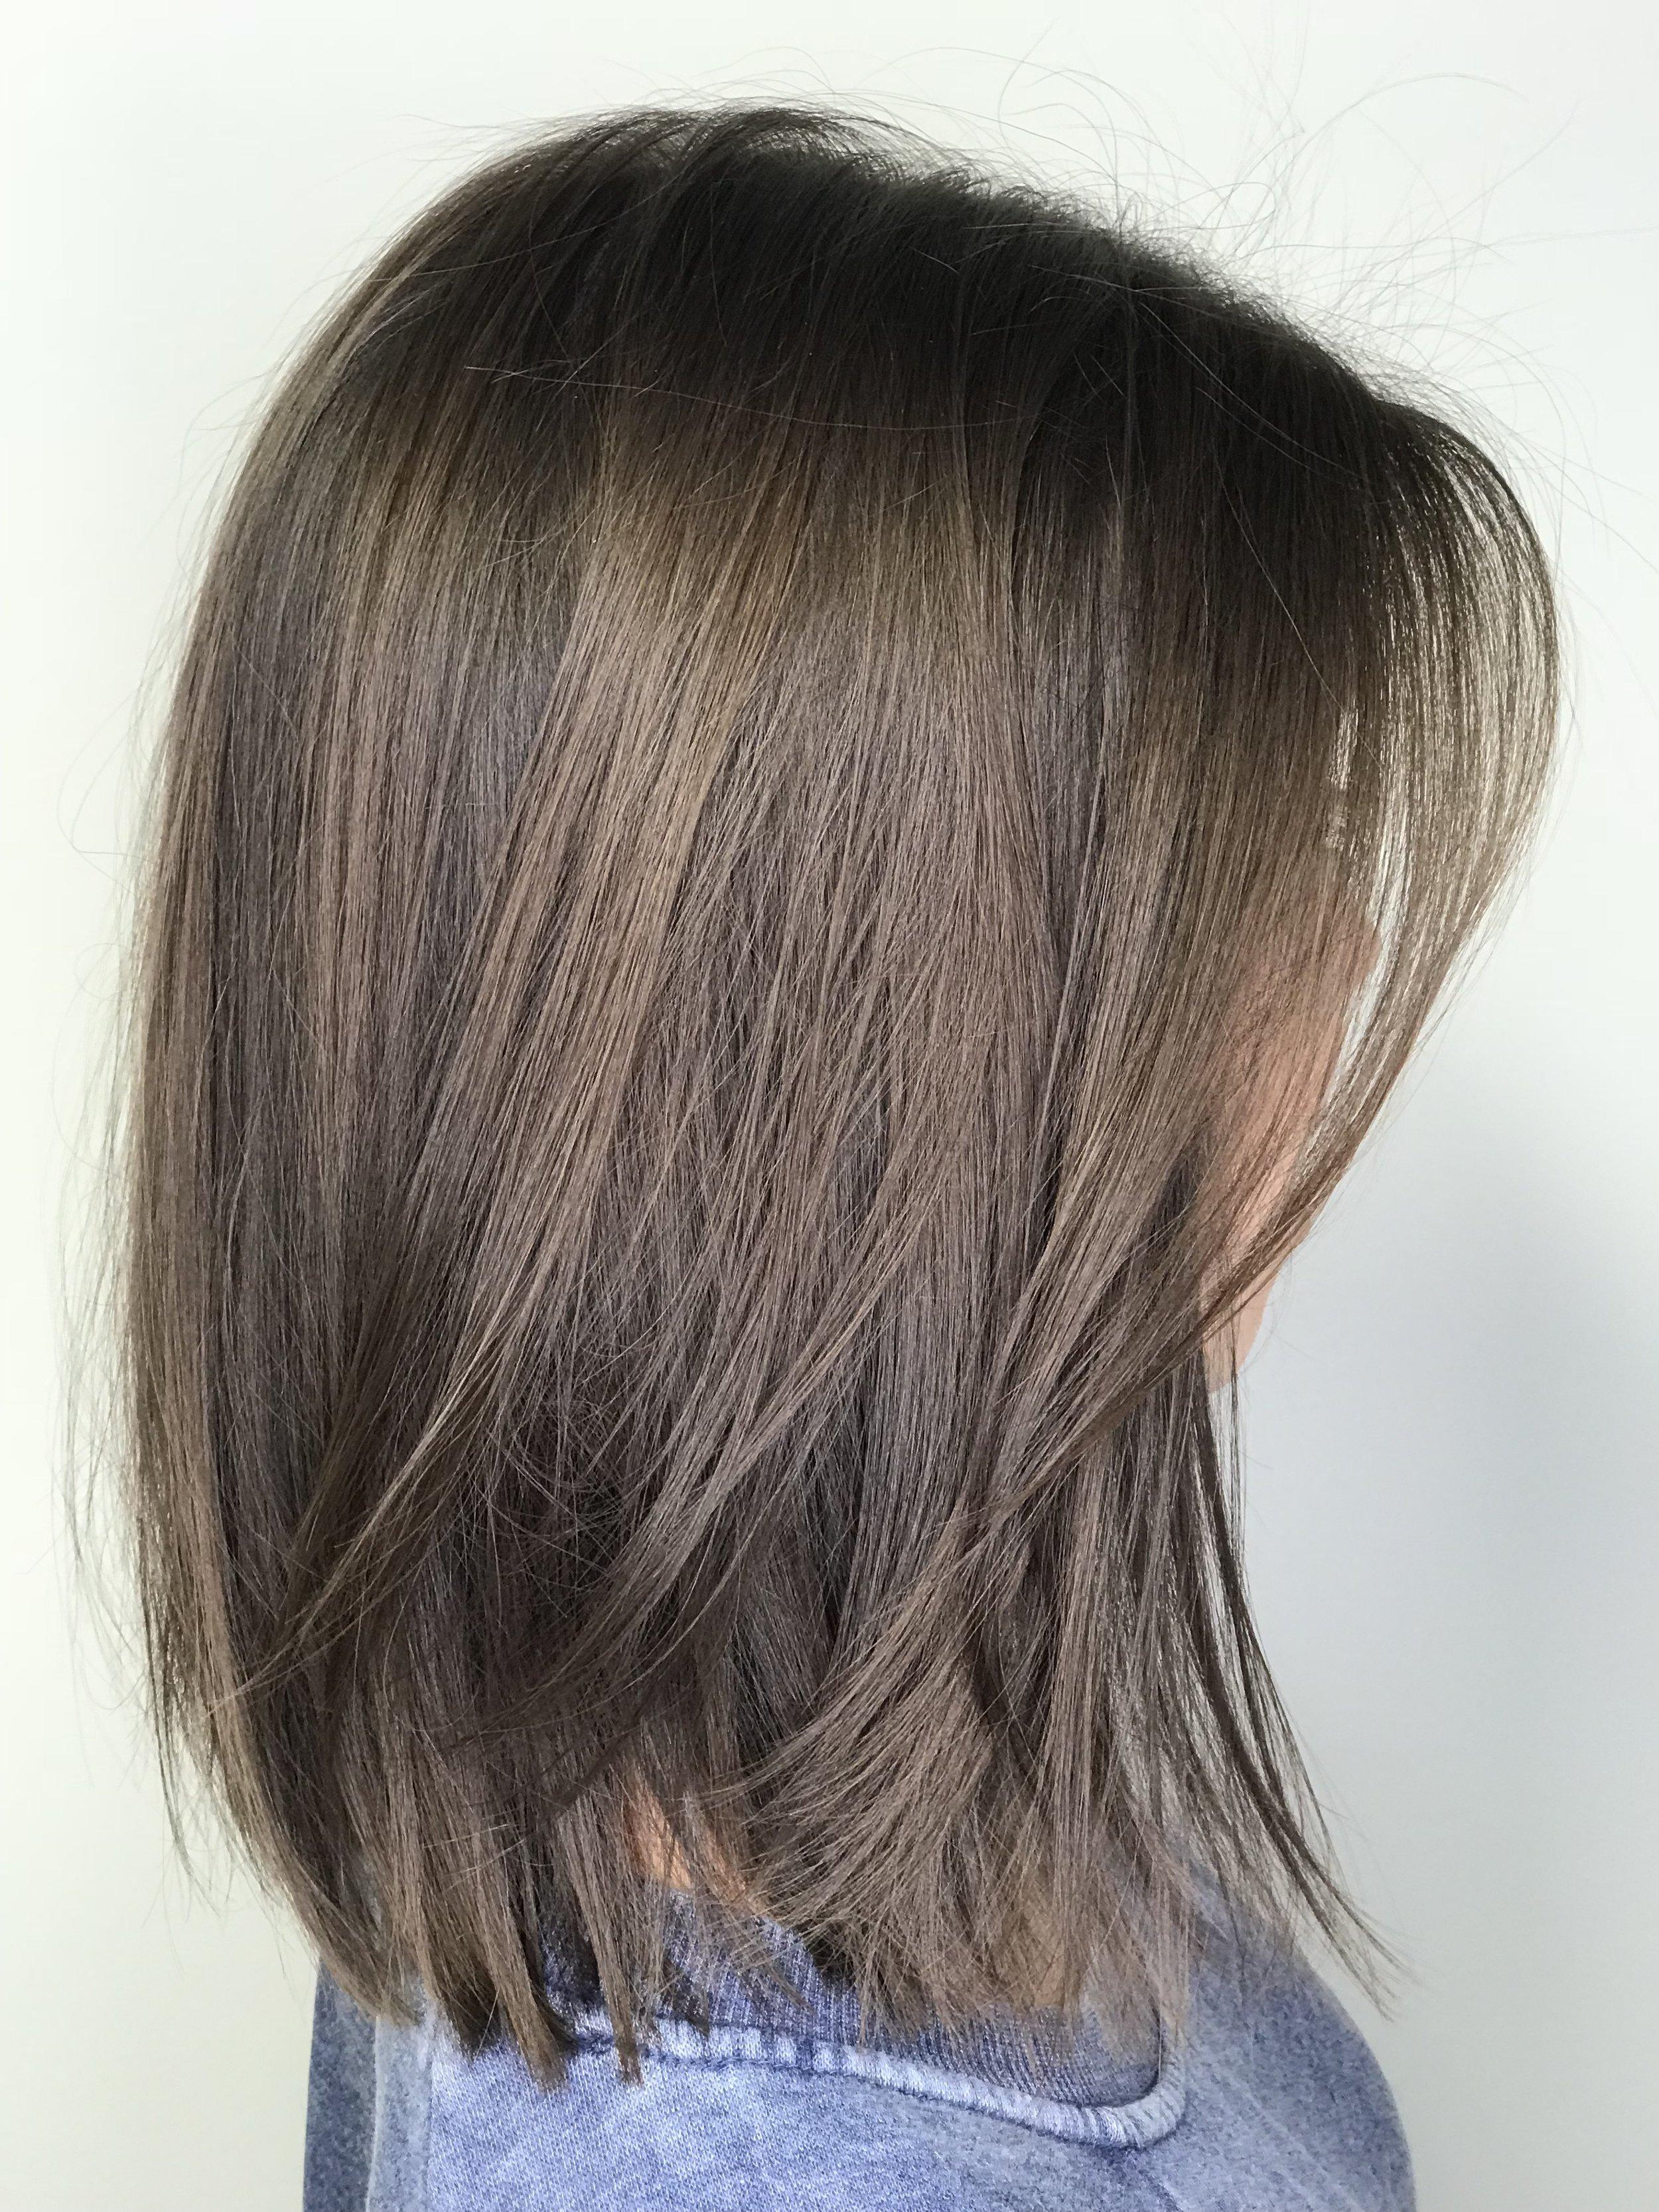 Hair2018-15.jpg